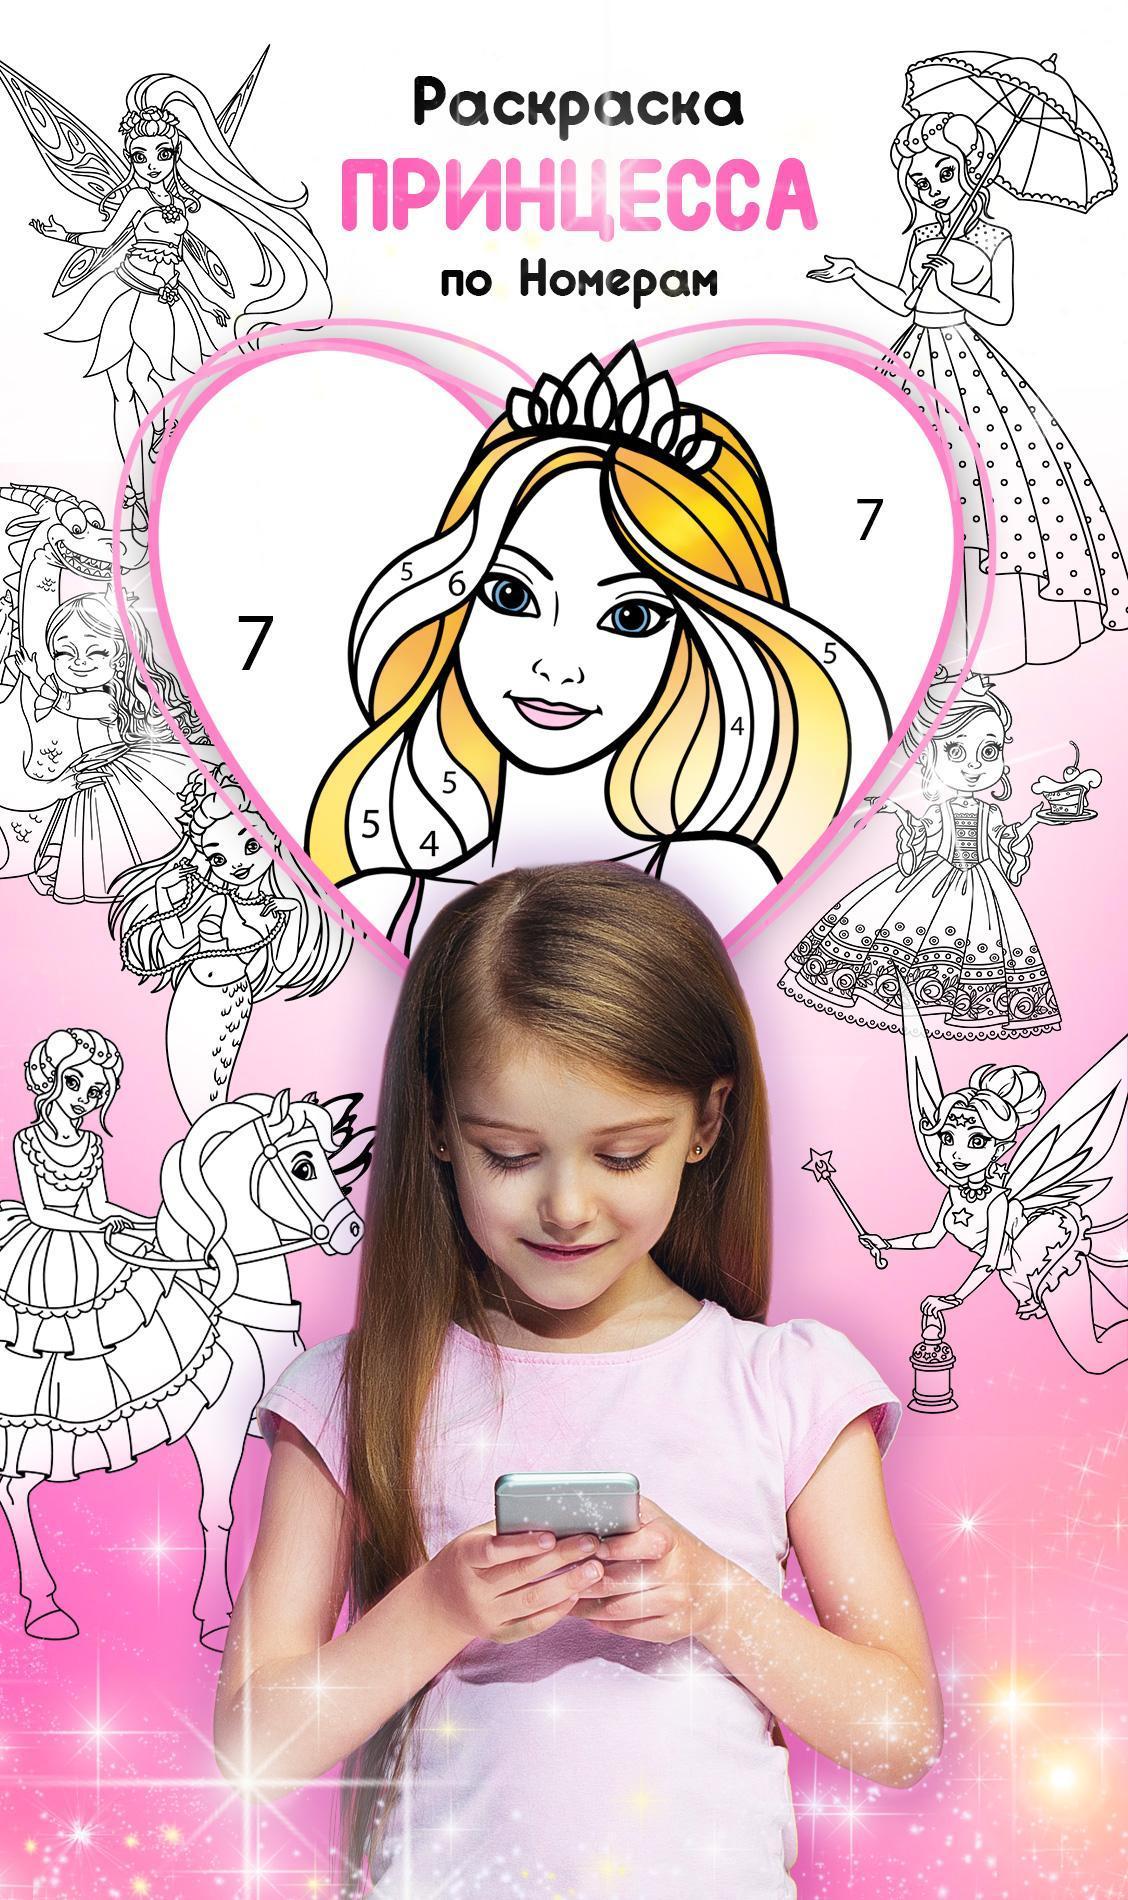 Раскраска Принцесса по Номерам для Андроид - скачать APK